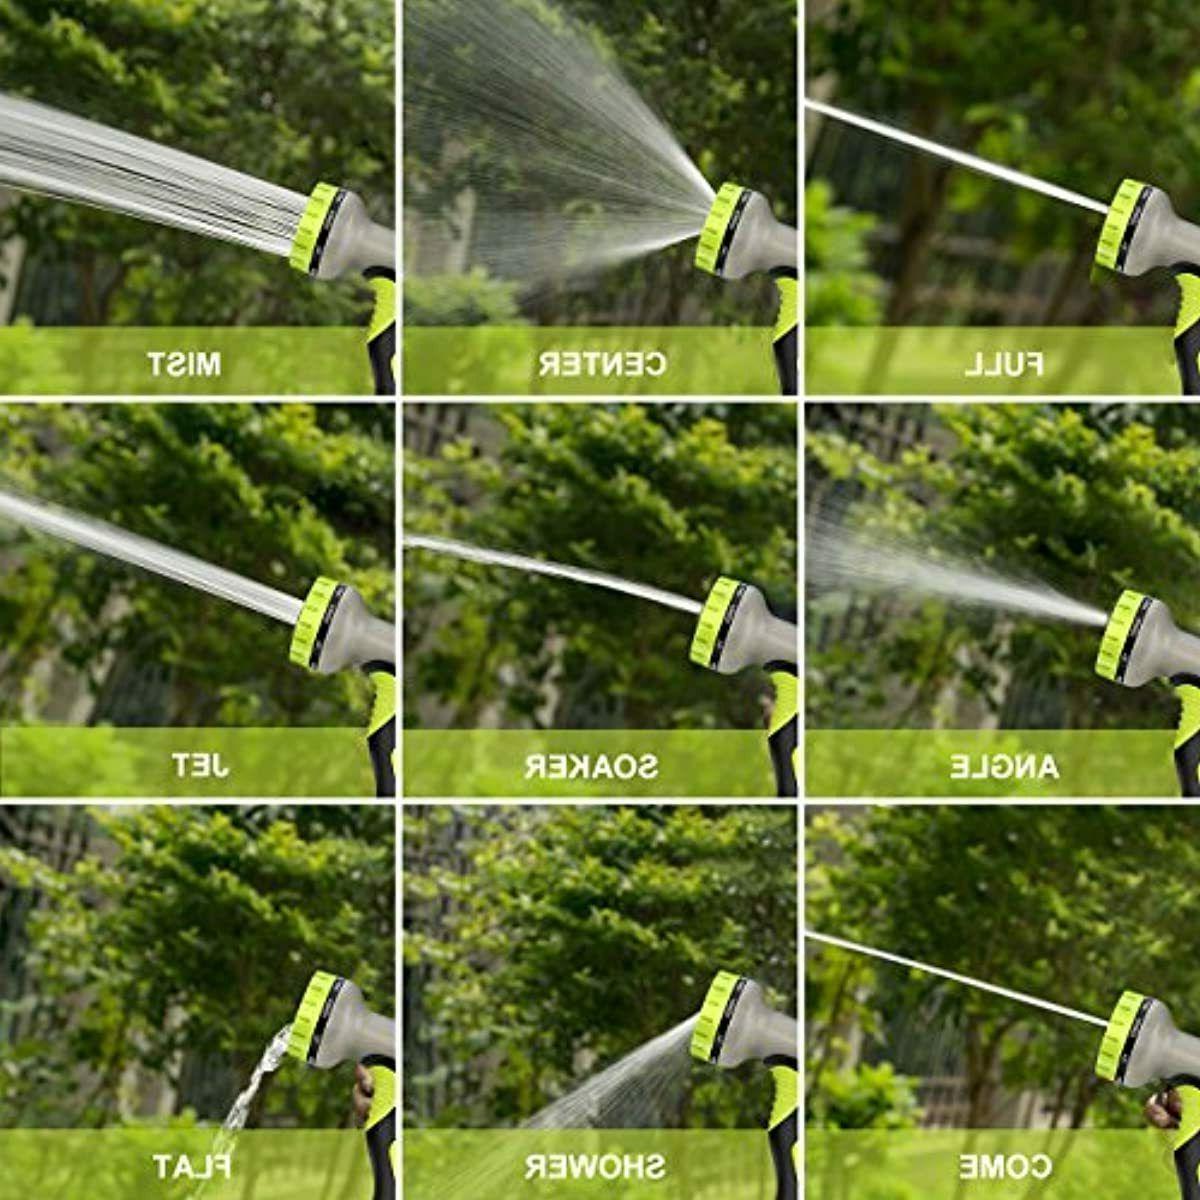 VicTsing Hose Spray 9 Heavy-Duty Nozzl